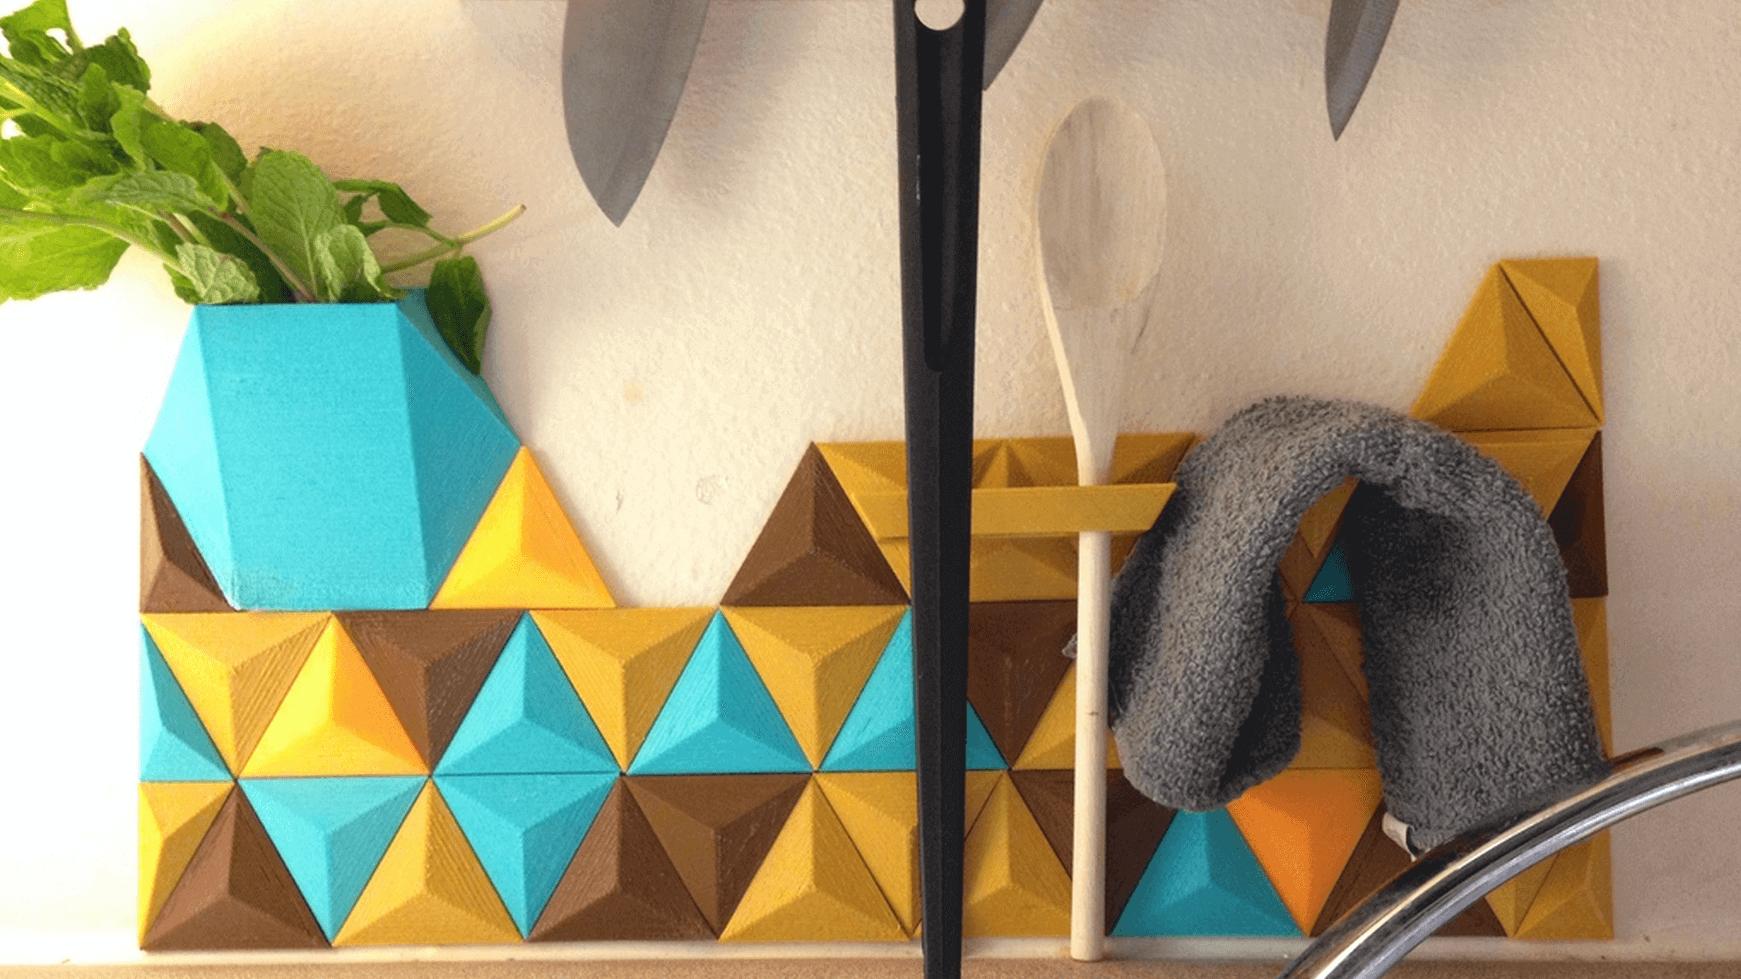 Los 30 mejores accesorios impresos en 3D para la cocina | All3DP